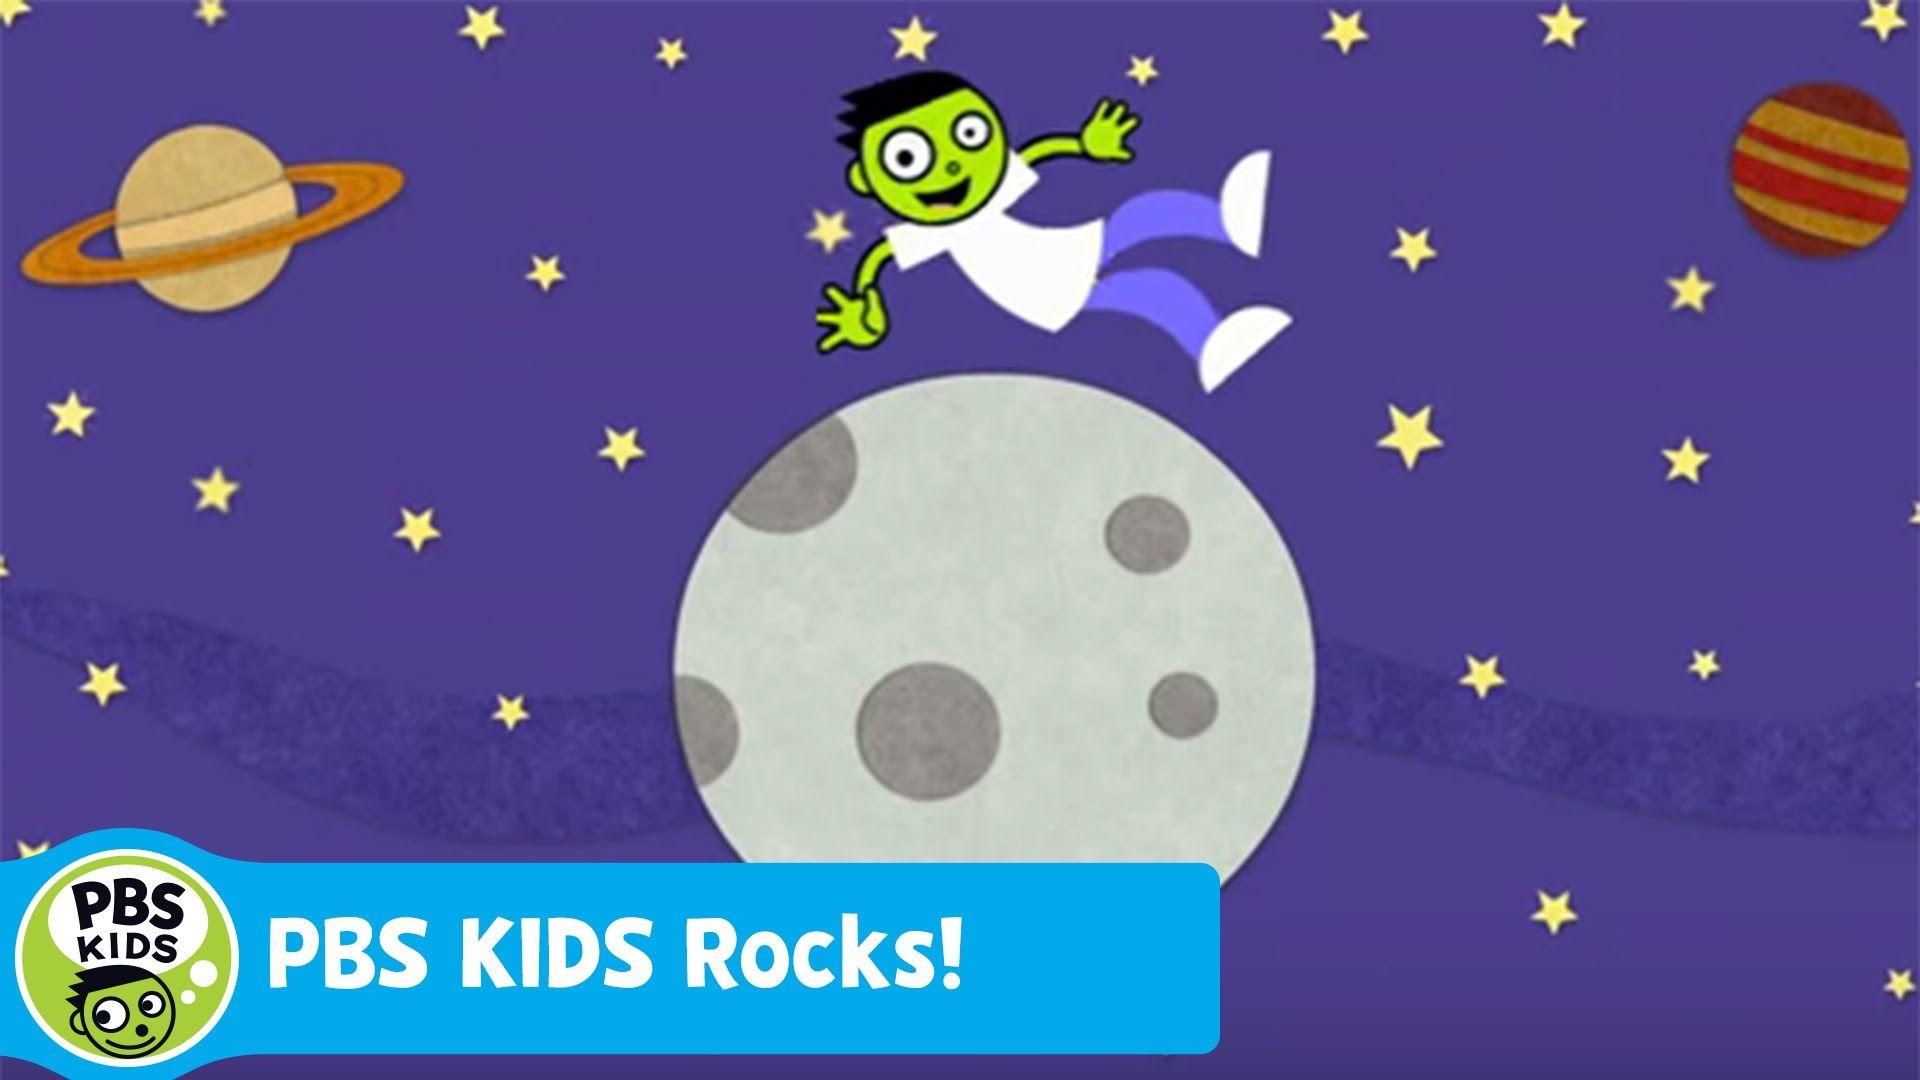 The Weepes Gravity Always Brings Me Down PBS KIDS